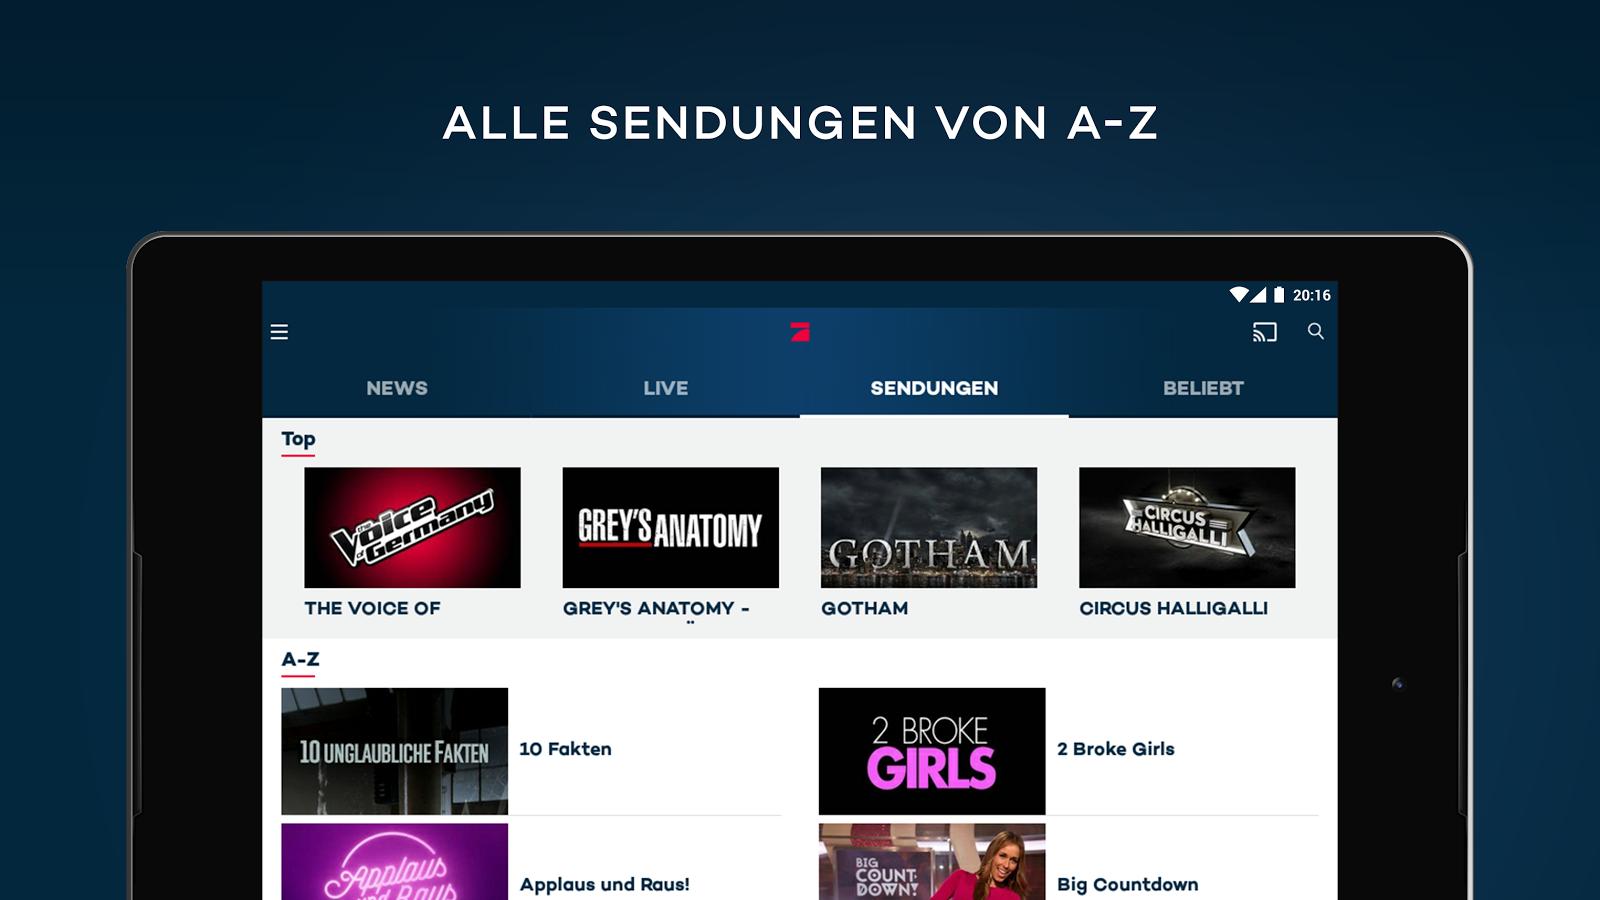 casino live online google ocean kostenlos downloaden